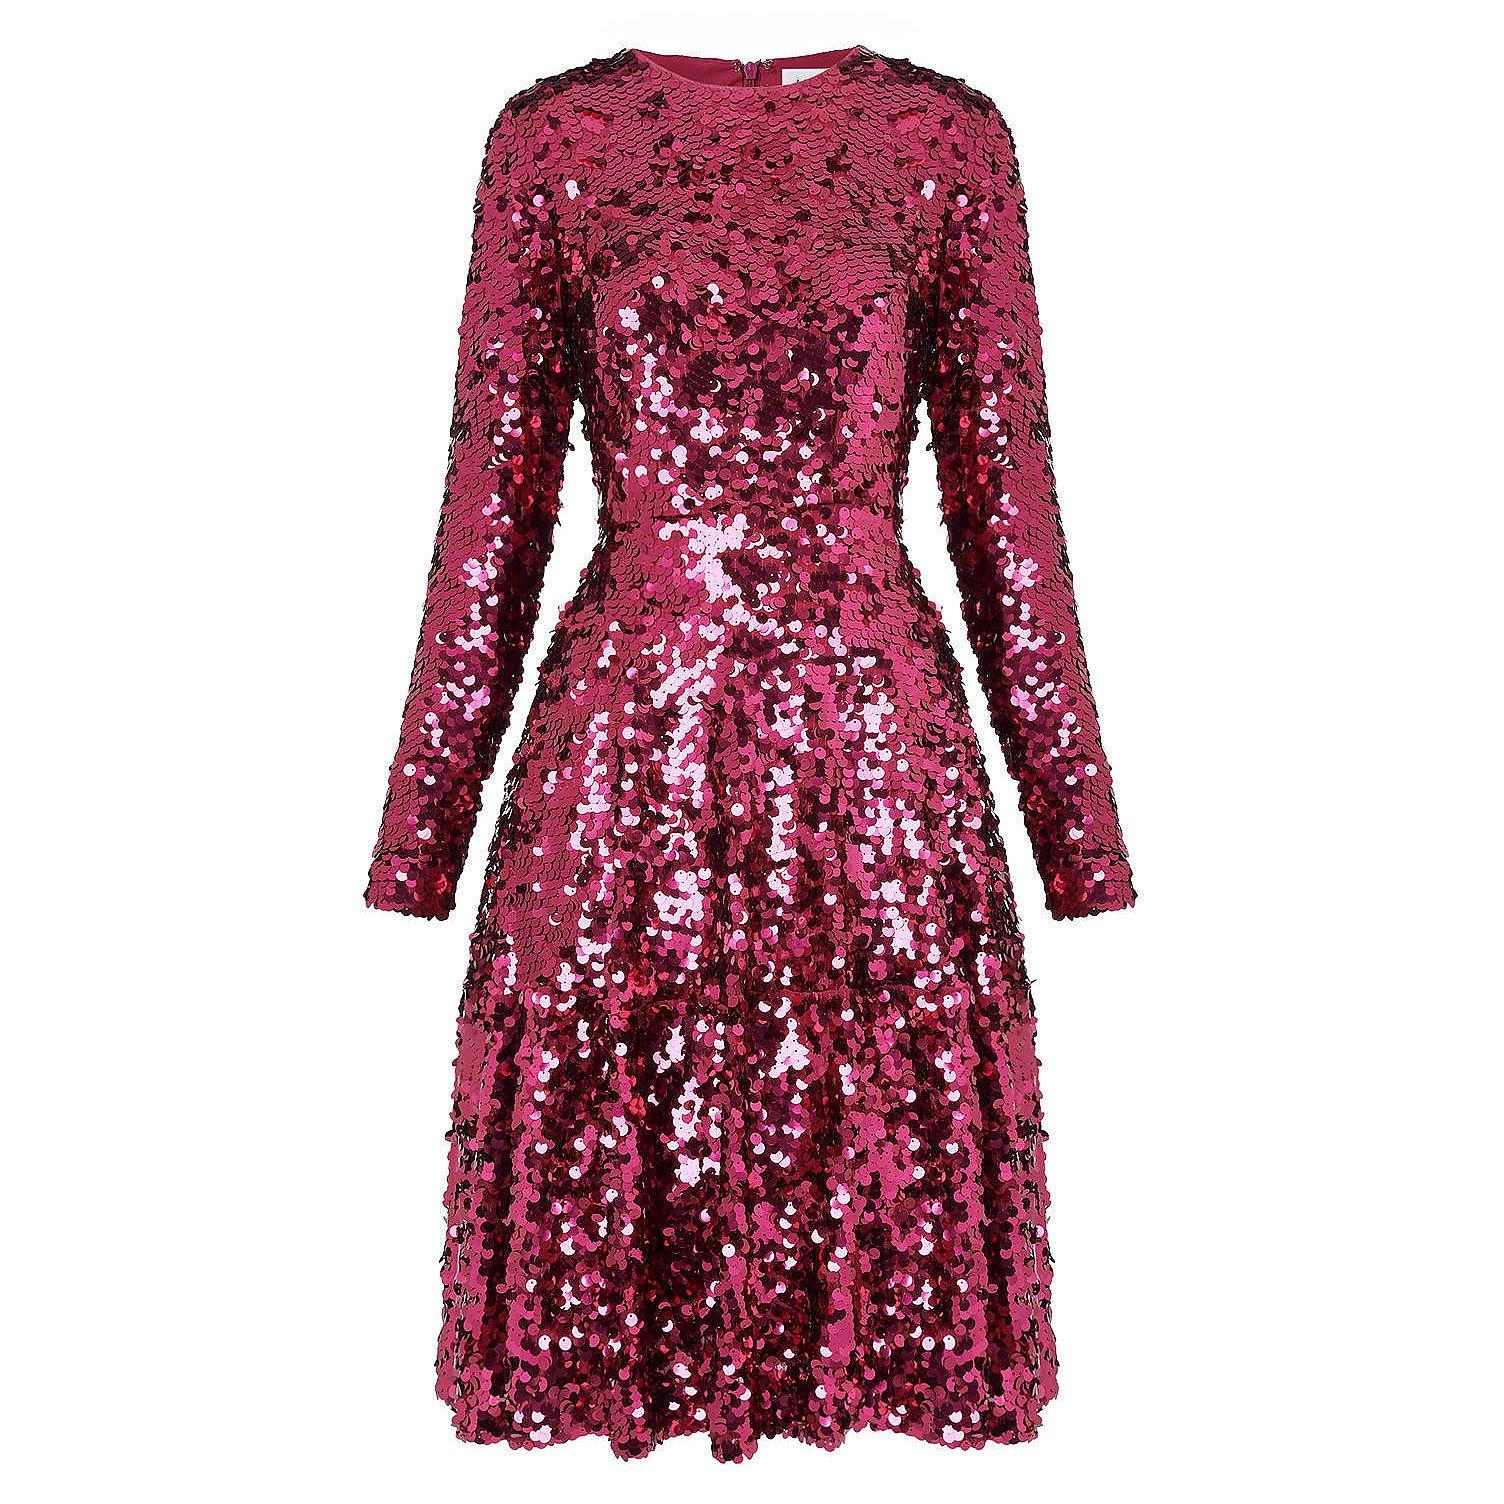 L.K. Bennett Sonic Sequin Dress